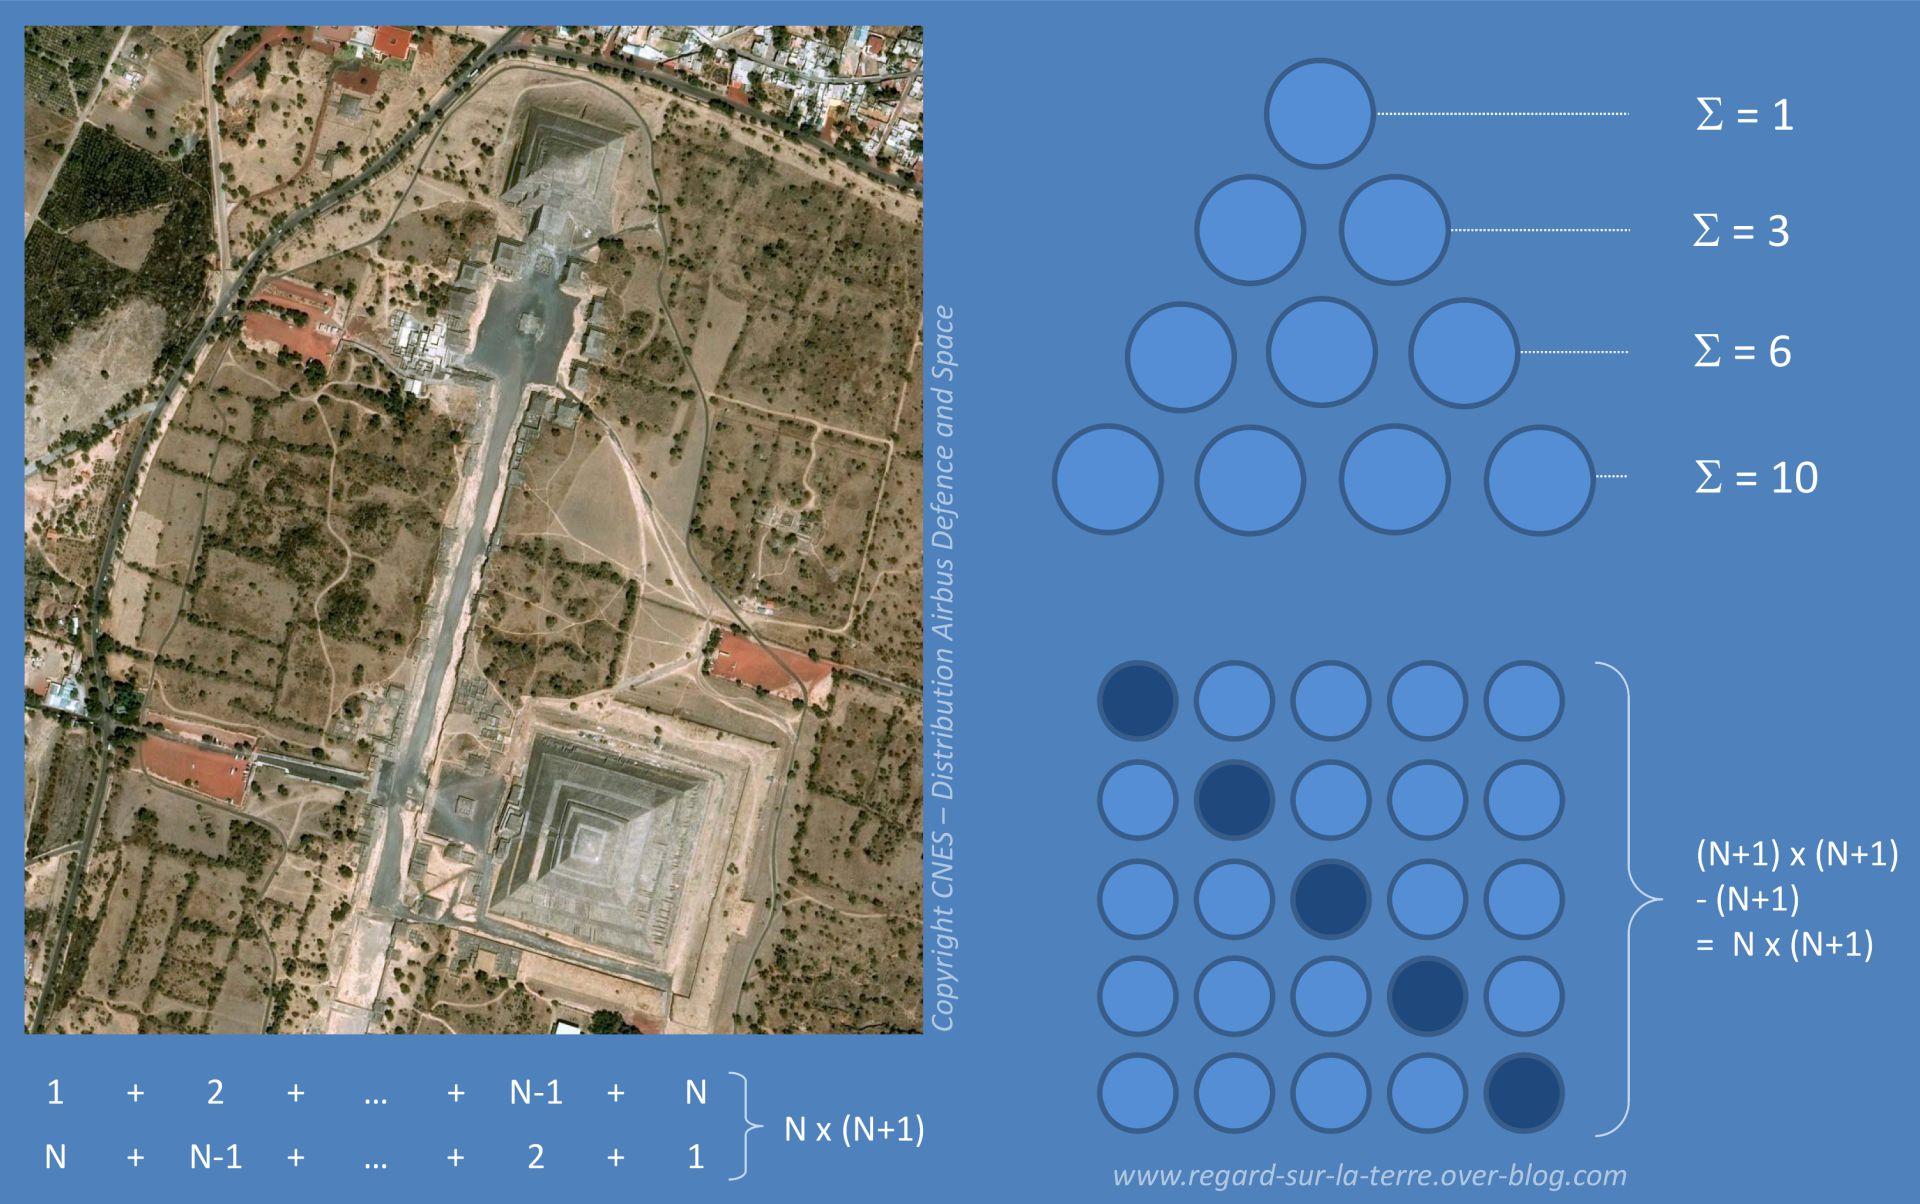 Voeux - 2016 - Année triangulaire - Nombre triangulaire - Nombre pyramidal - série arithmétique - Teotihuacan - Mexique - Pléiades